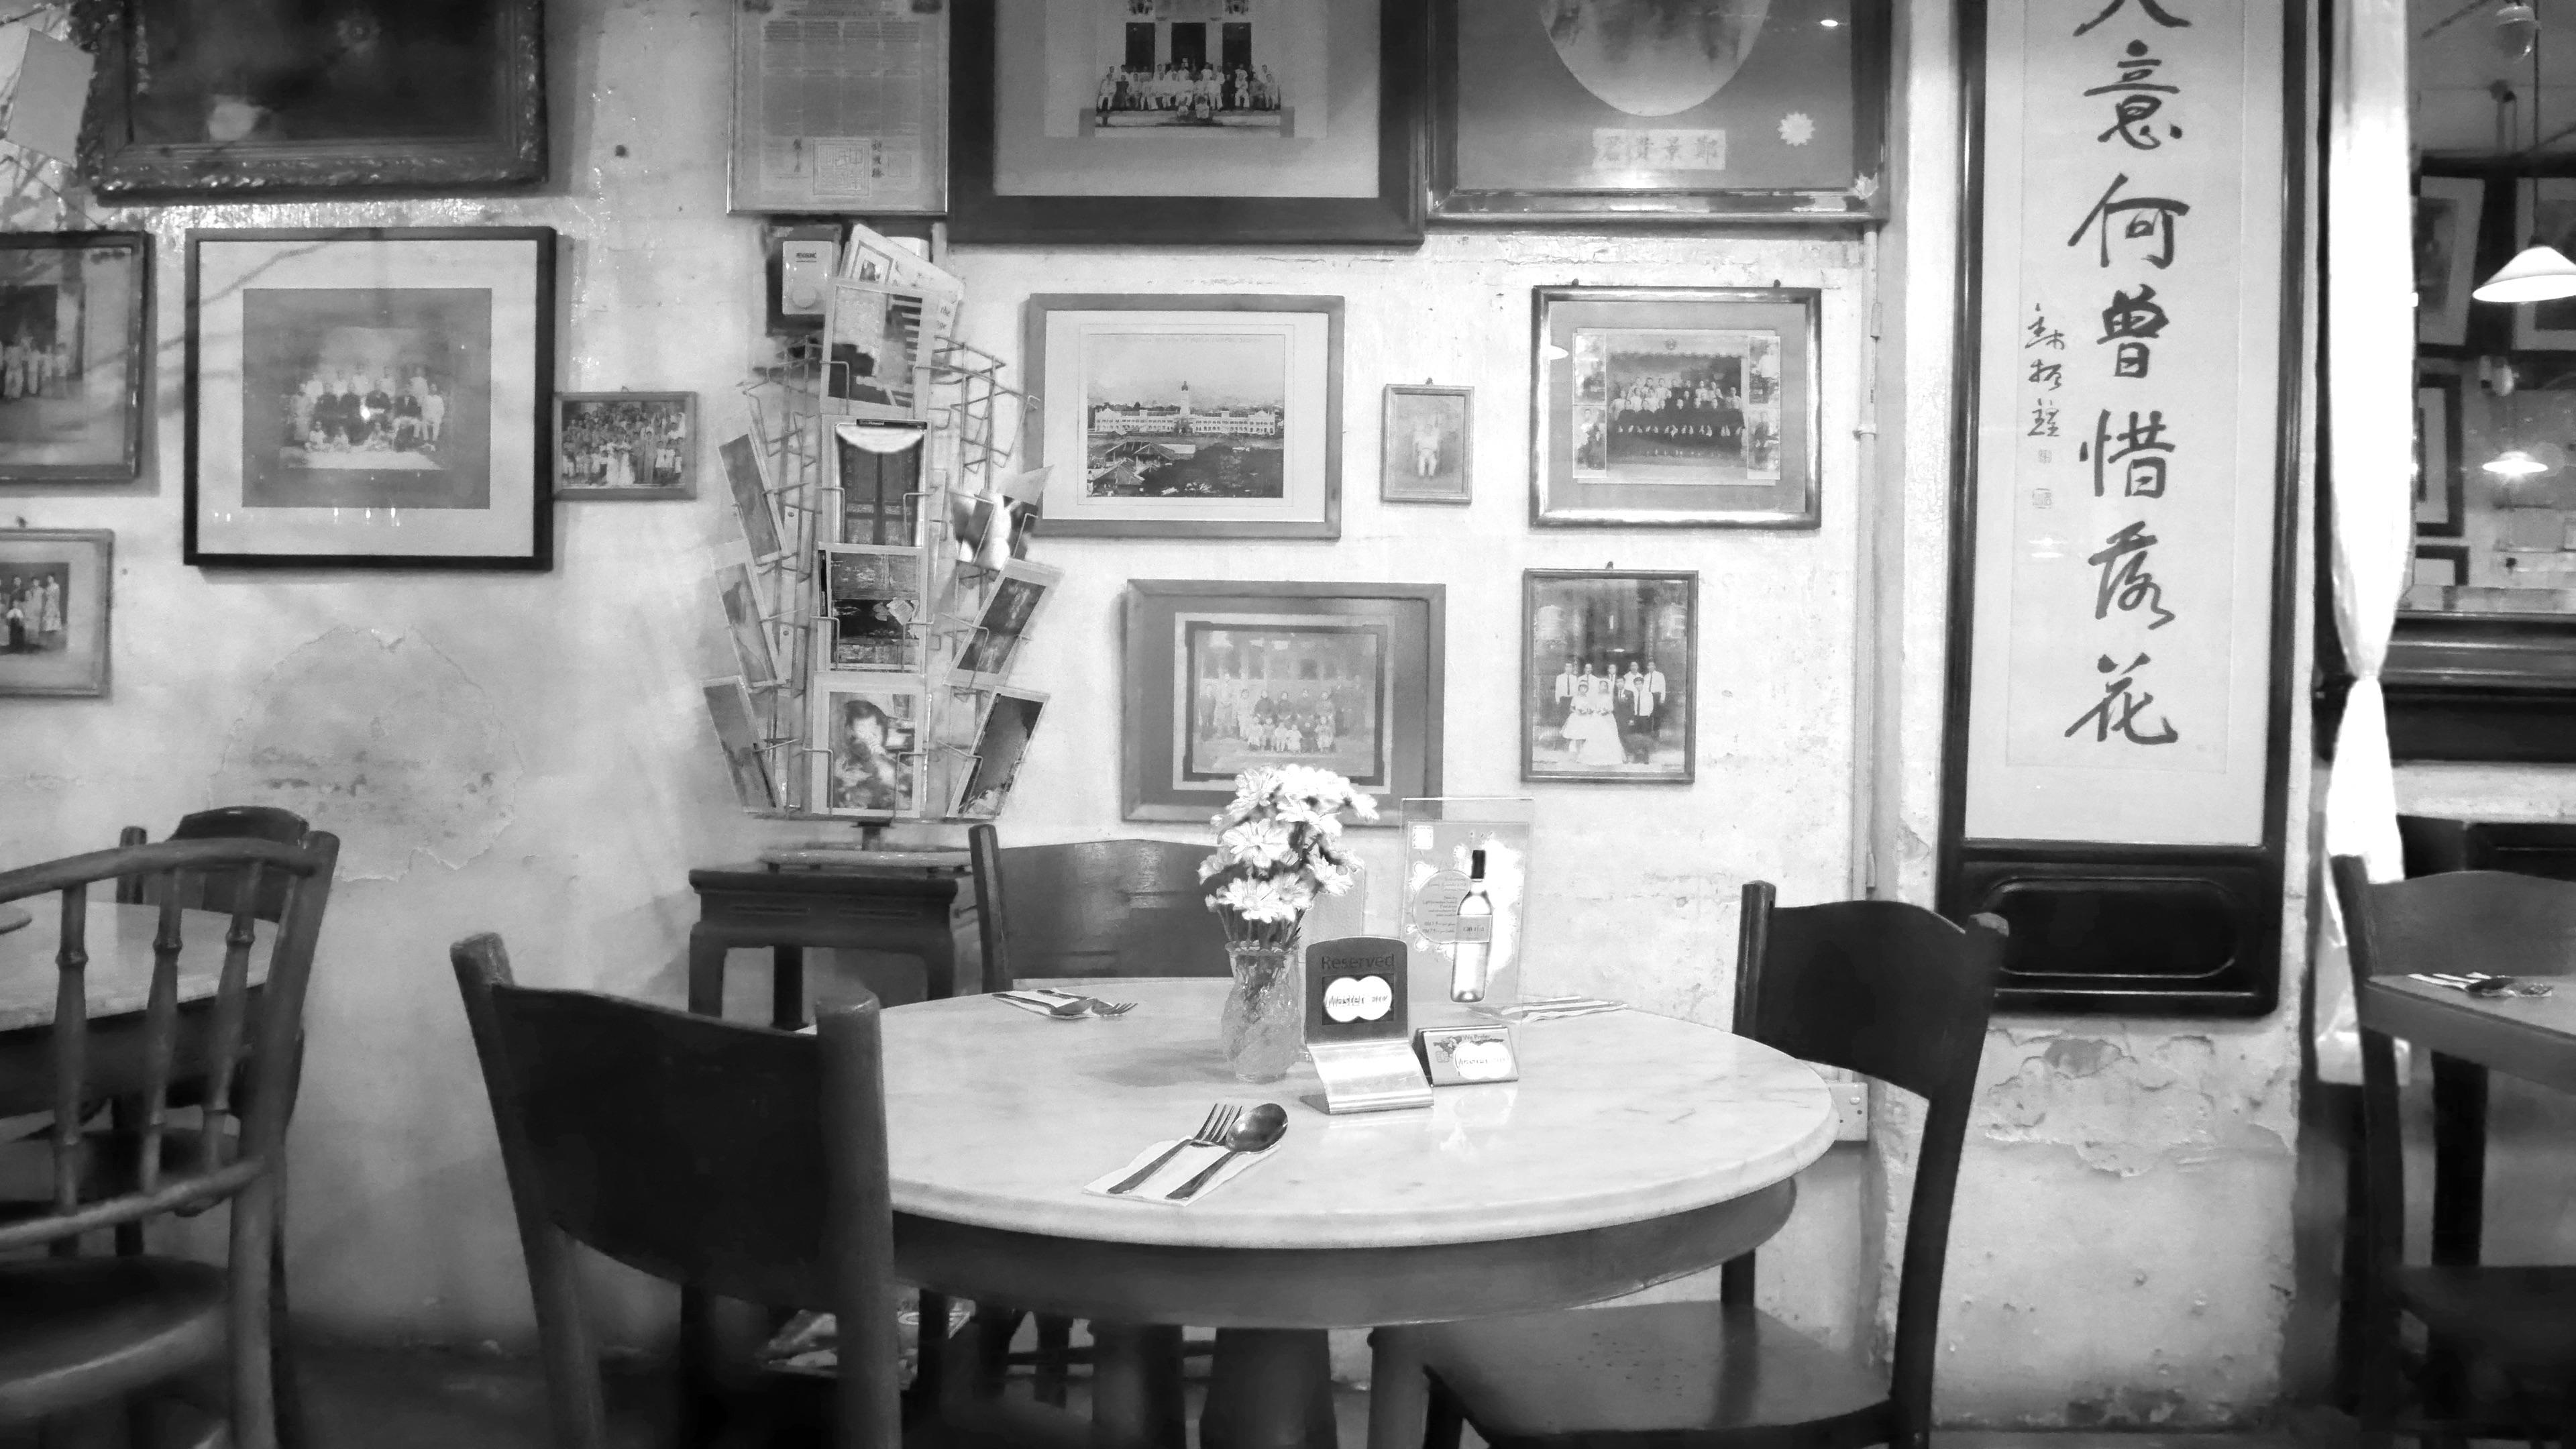 gambar hitam dan putih restoran kamar satu warna desain interior foto gambar bentuk. Black Bedroom Furniture Sets. Home Design Ideas